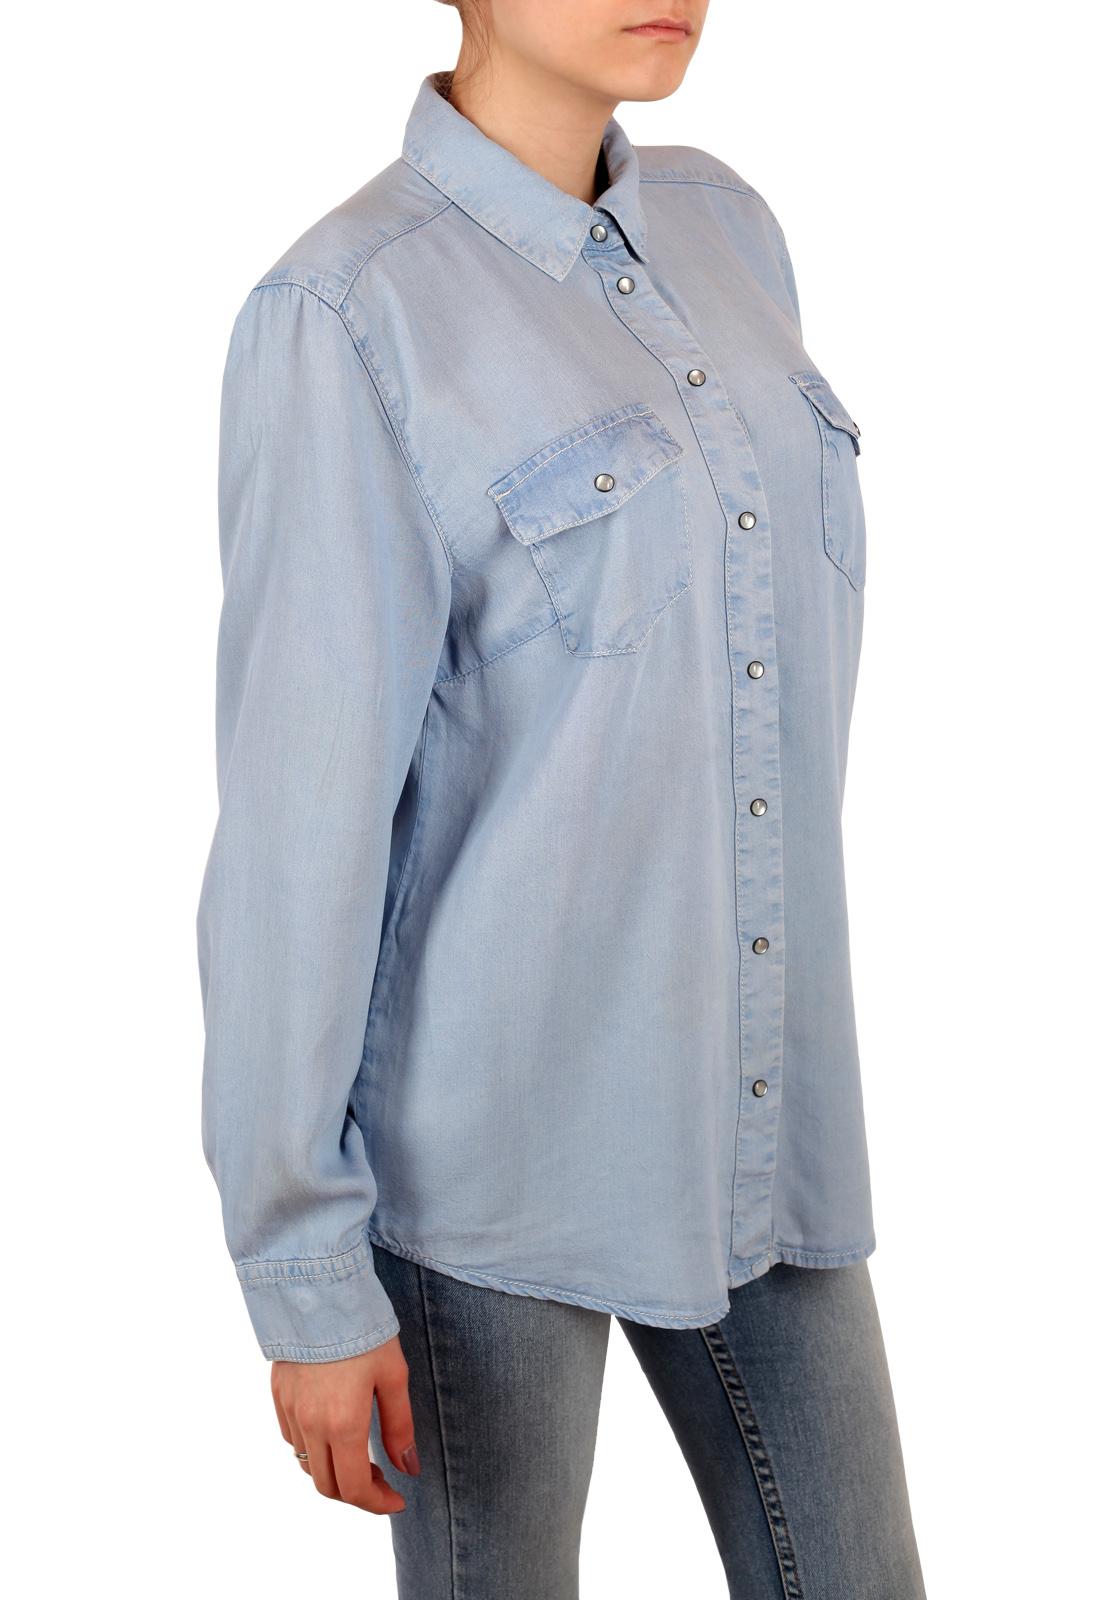 Модная женская рубашка Sheego Denim – элегантная модель с карманами на груди и перламутровыми пуговицами. Есть БОЛЬШИЕ размеры